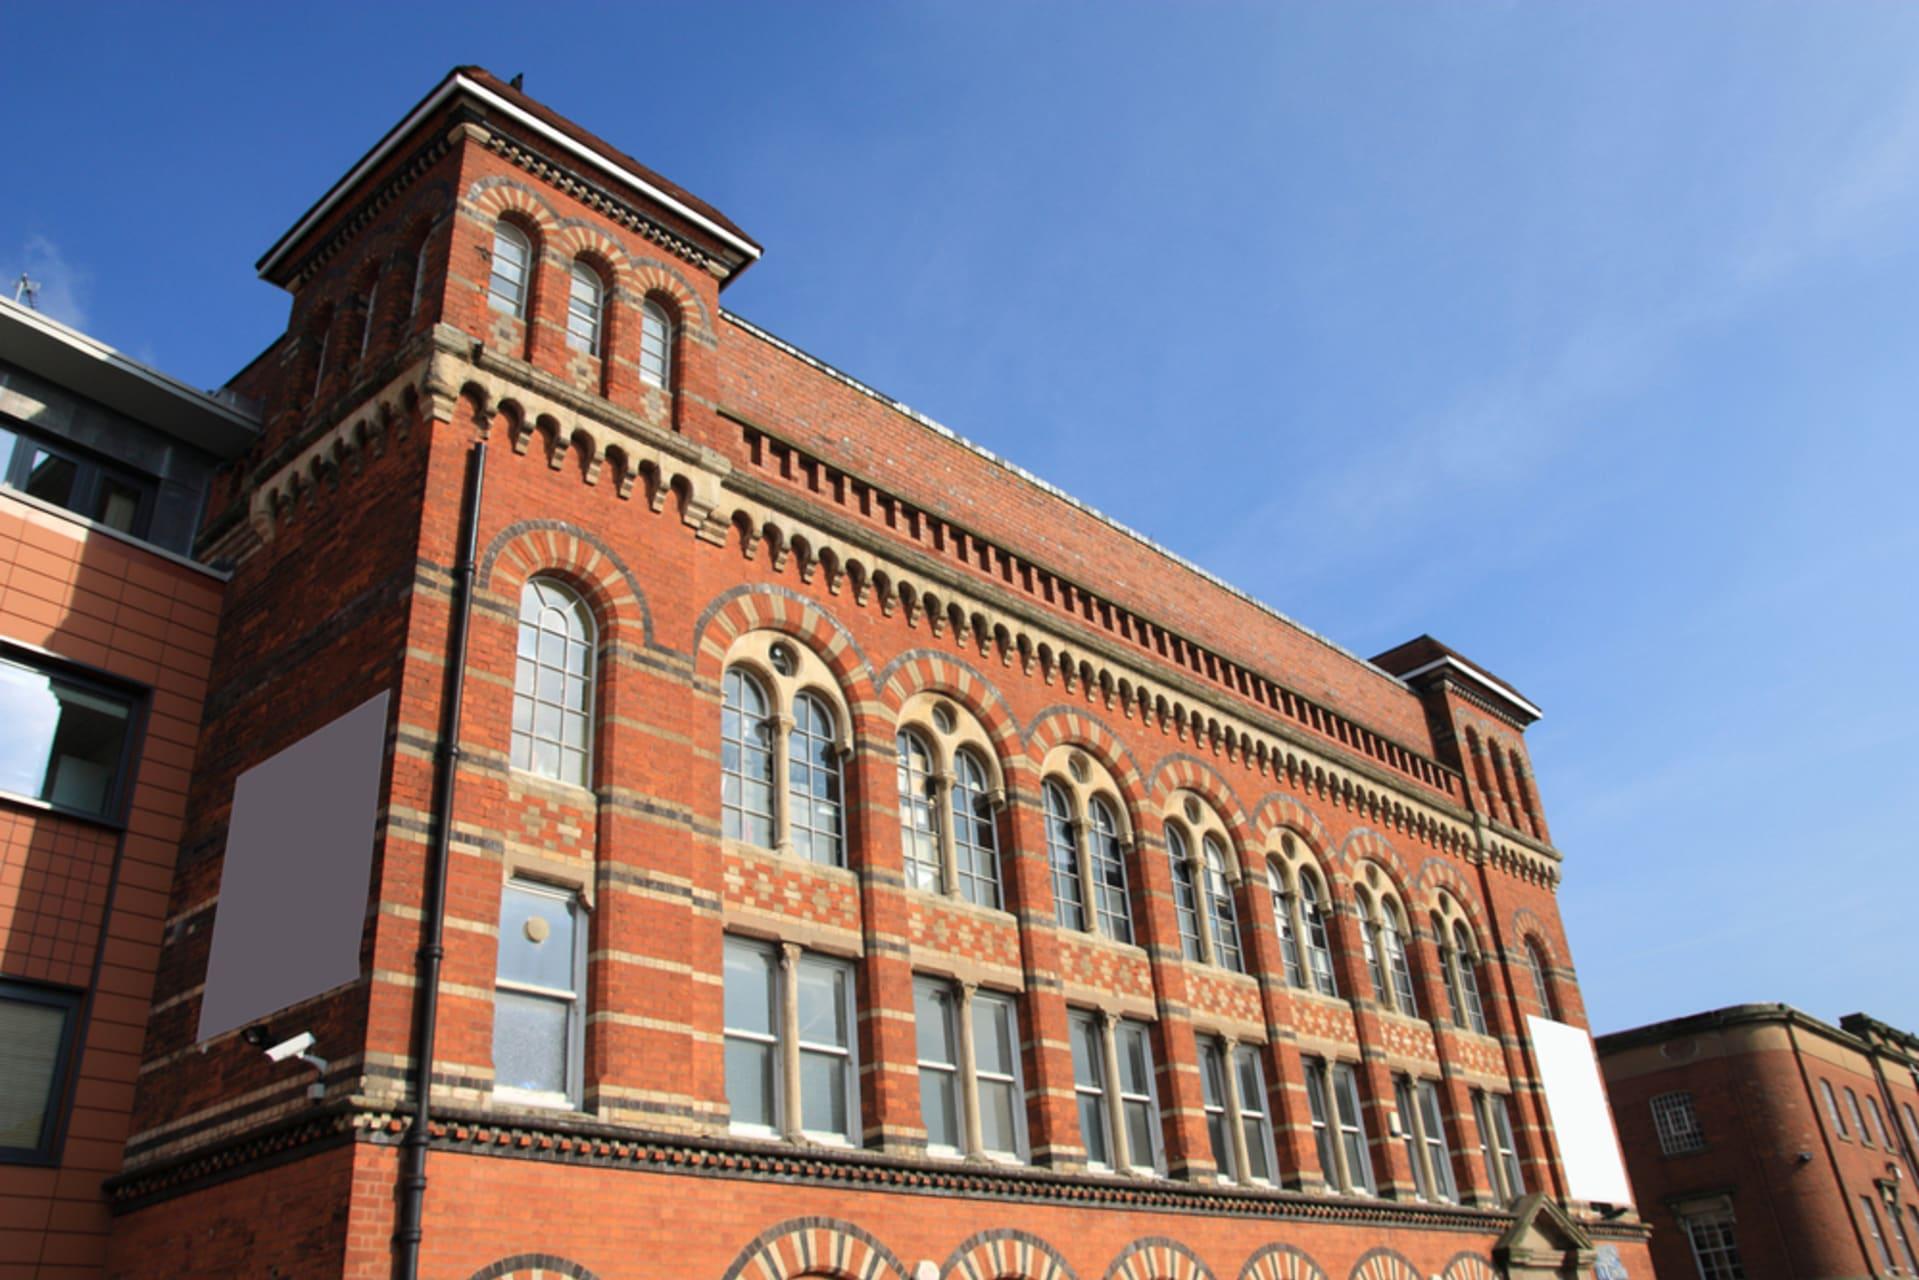 Birmingham - Birmingham Jewellery Quarter: Rings, Votes and Pens